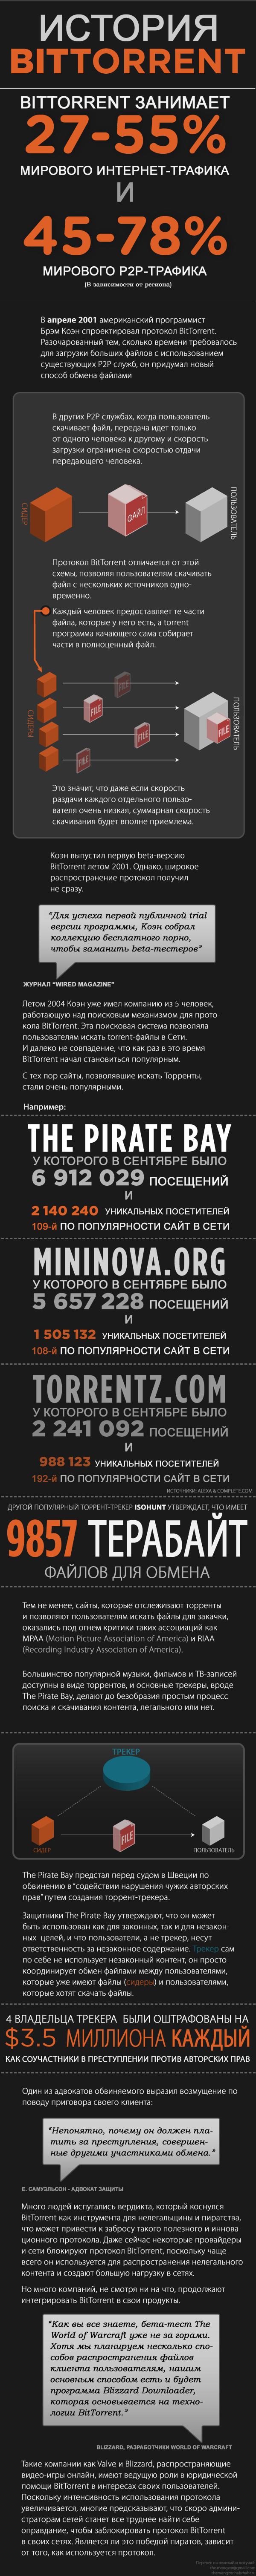 История BitTorrent